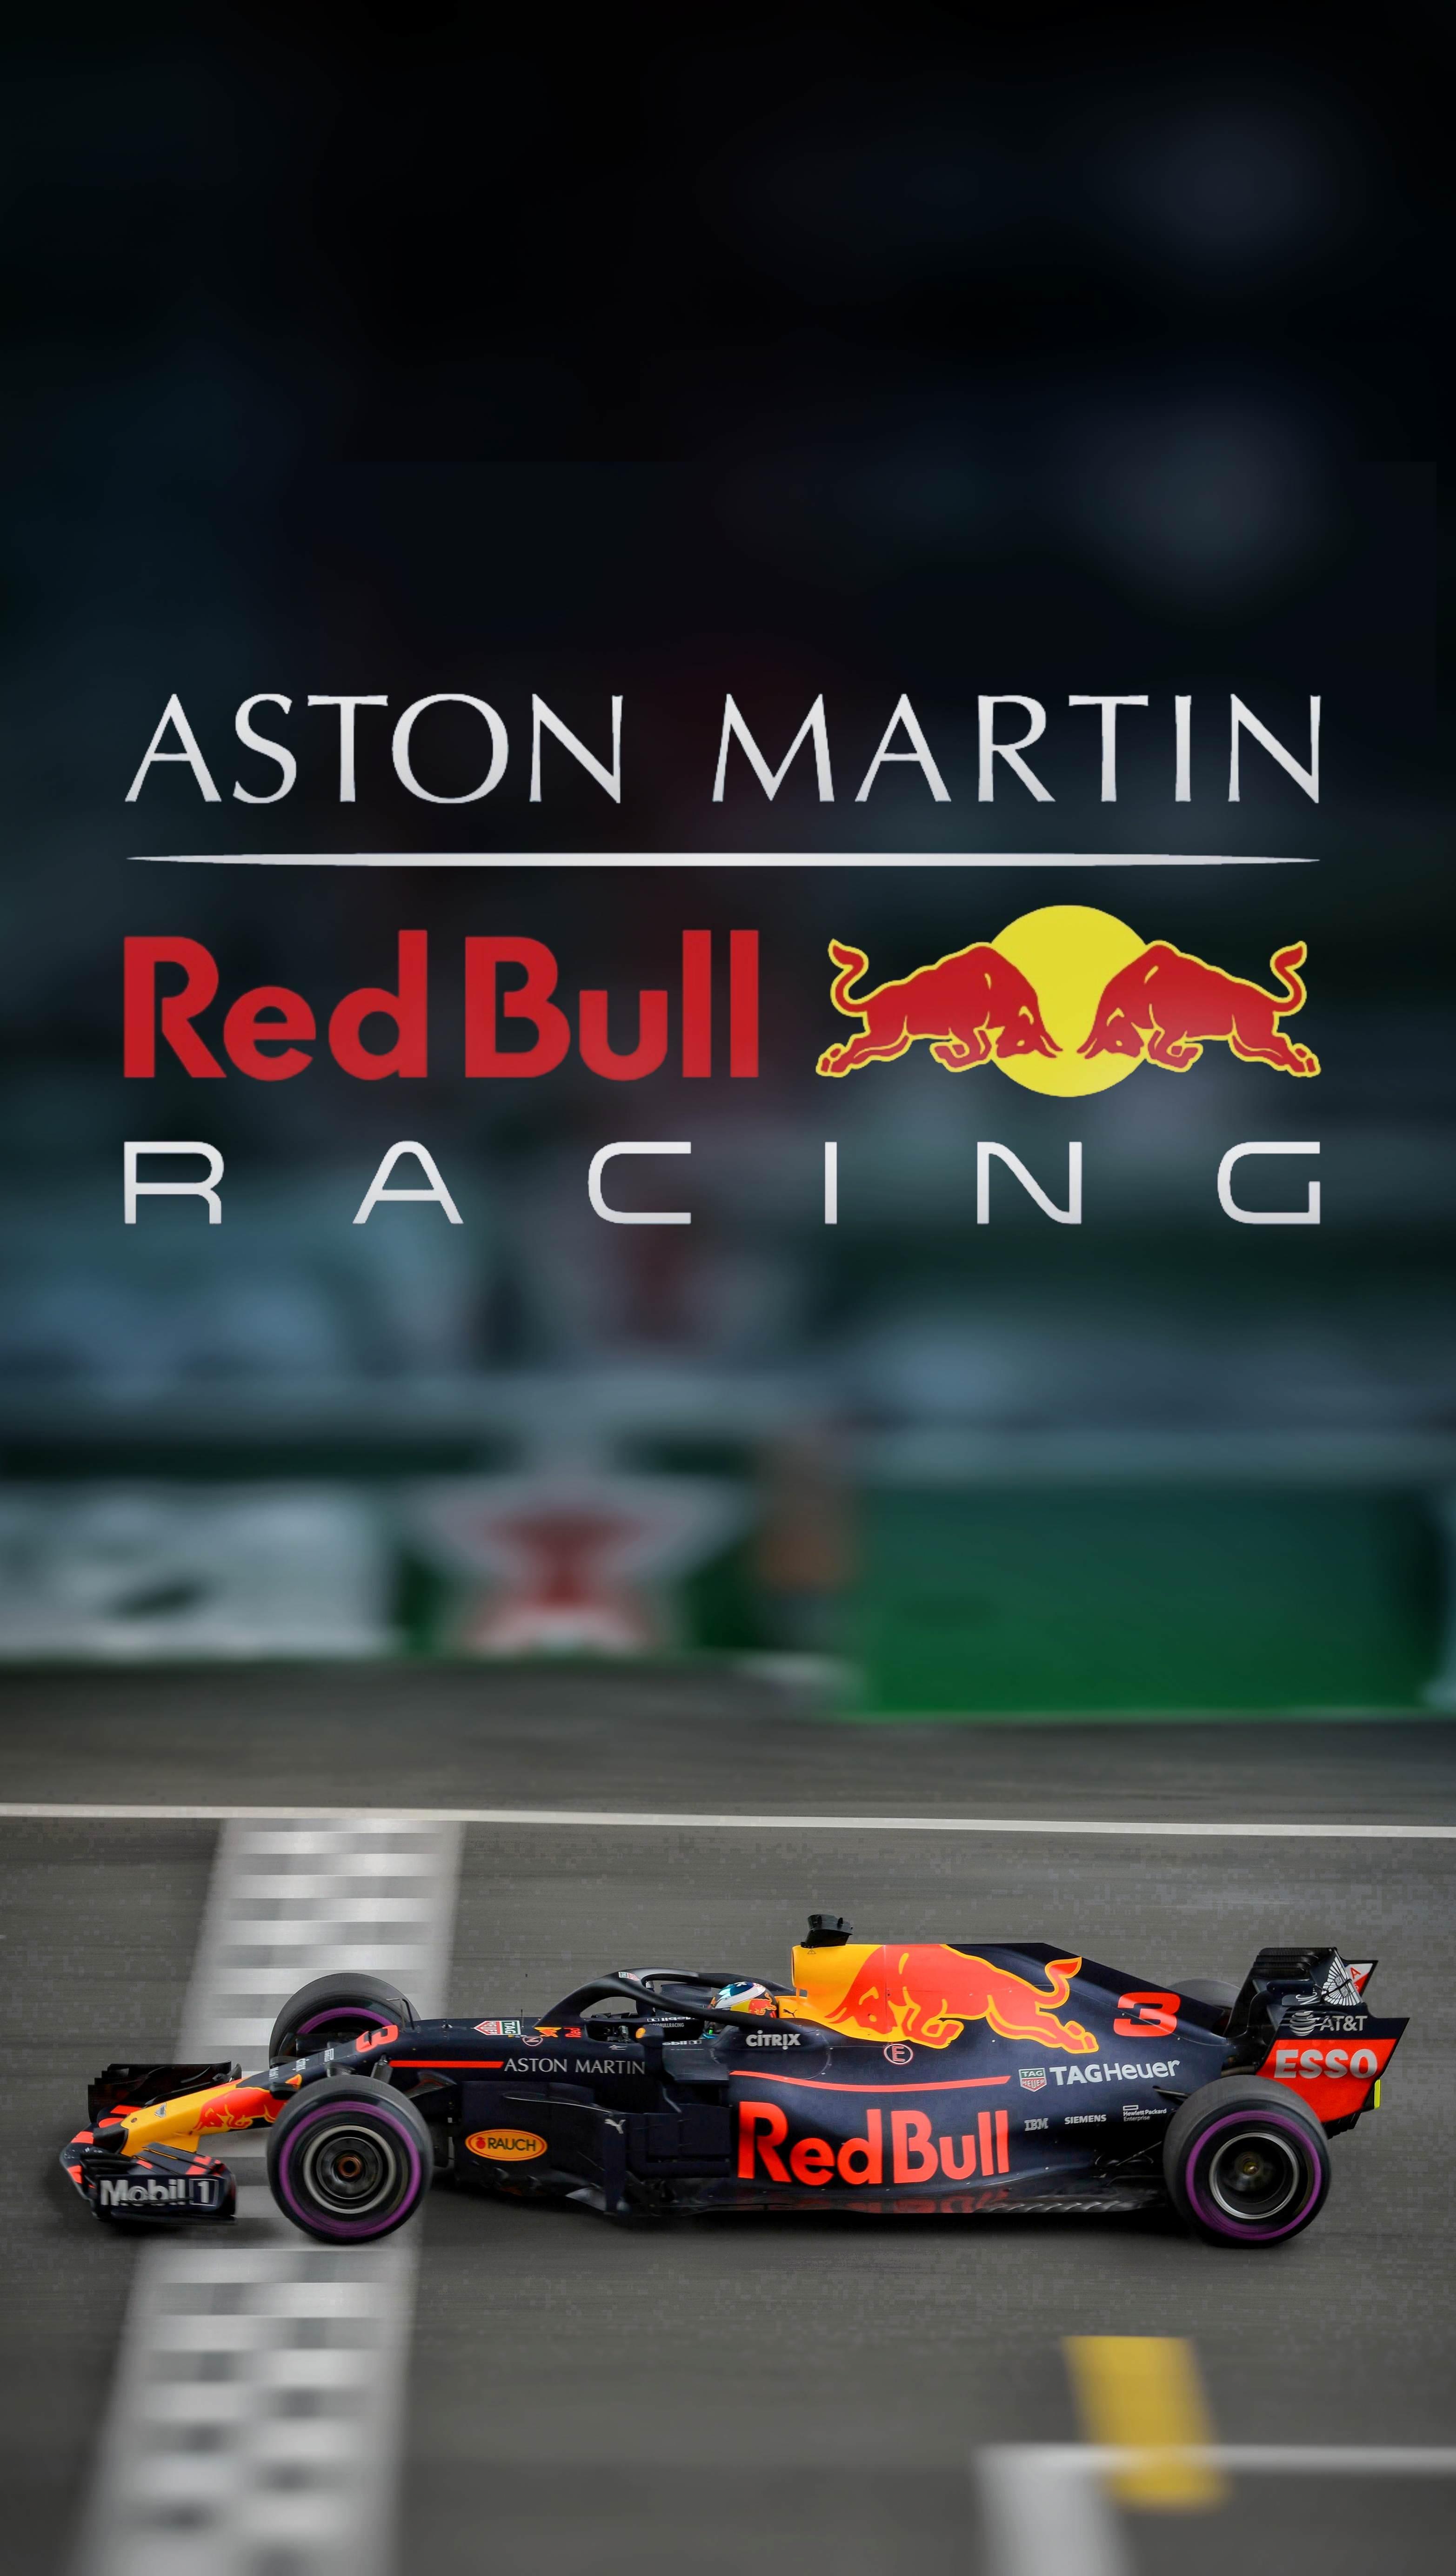 Red Bull Racing   Daniel Ricciardo [mobile wallpaper]   Imgur 3130x5536